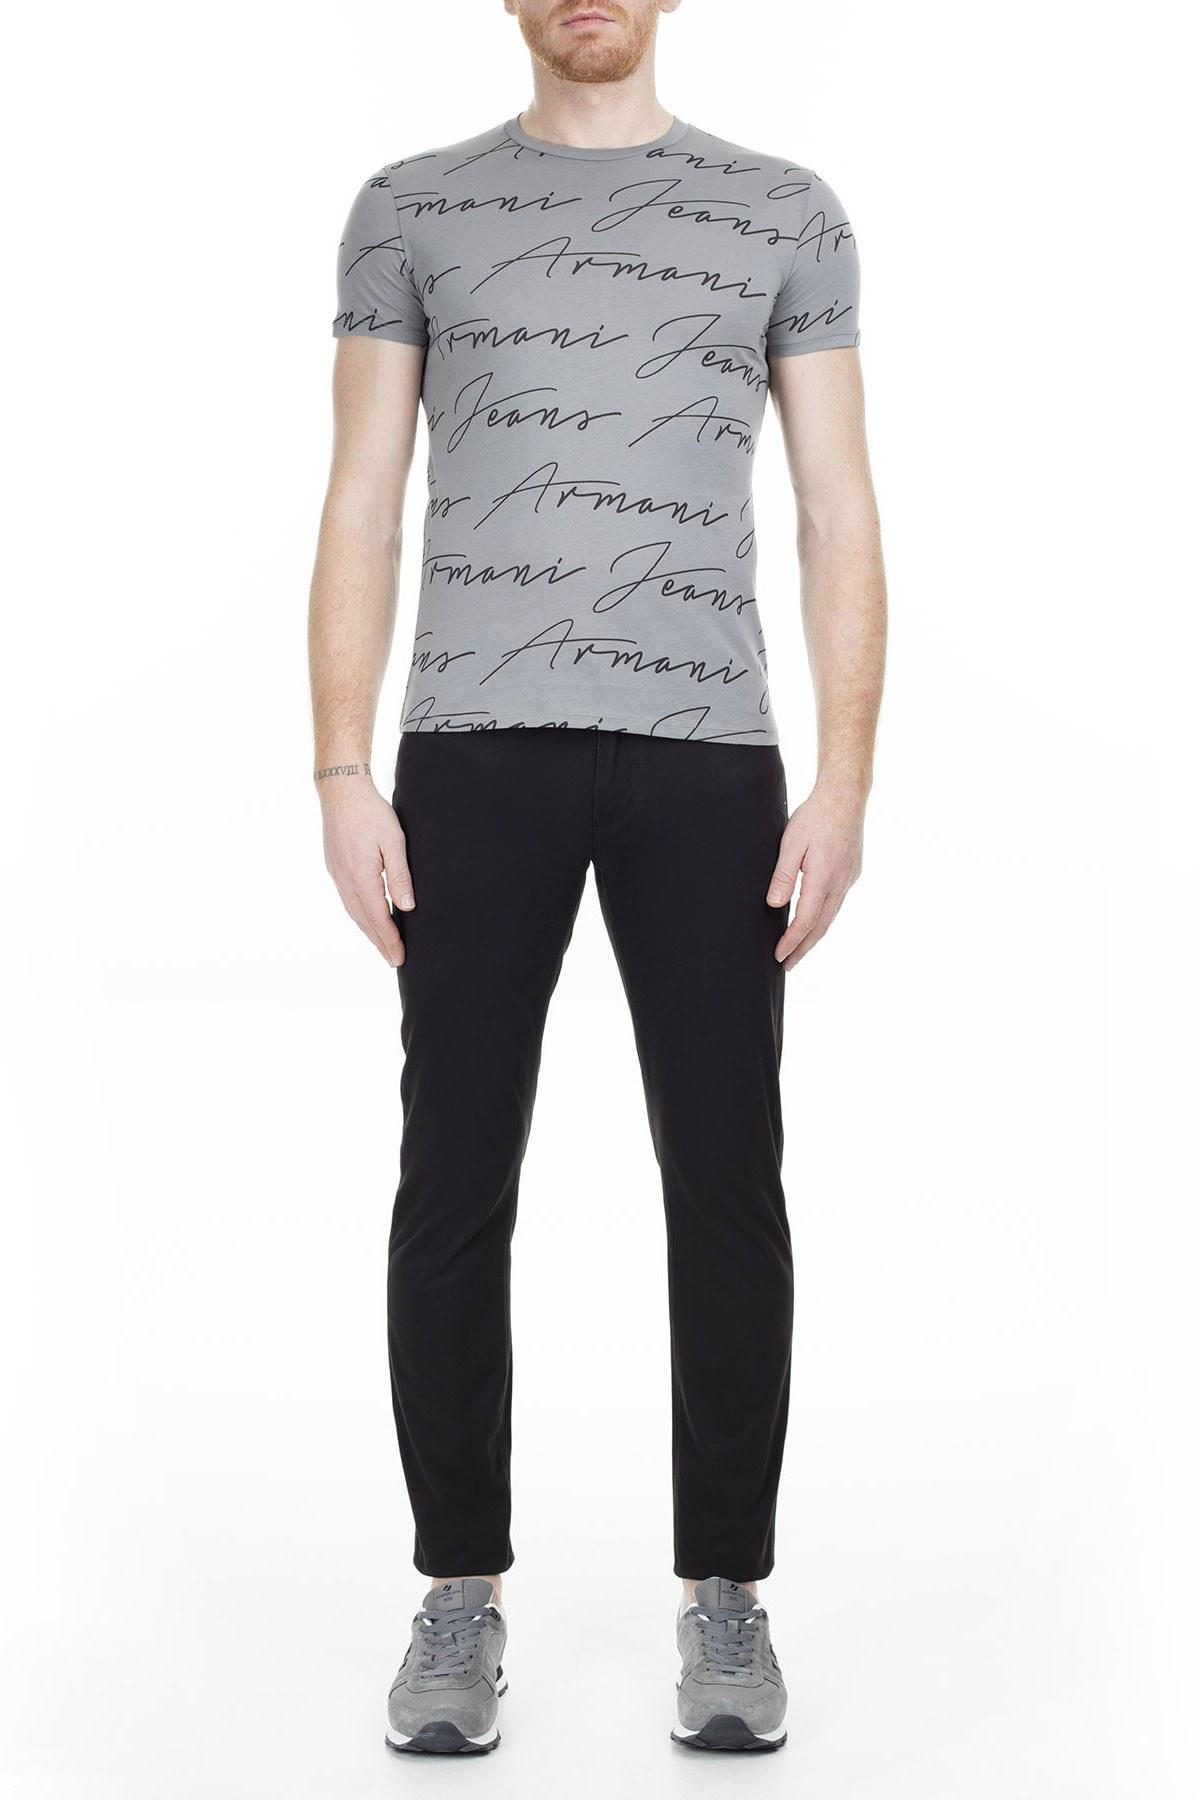 Armani J06 Jeans Erkek Pamuklu Pantolon 6Y6J06 6NKFZ 1200 SİYAH